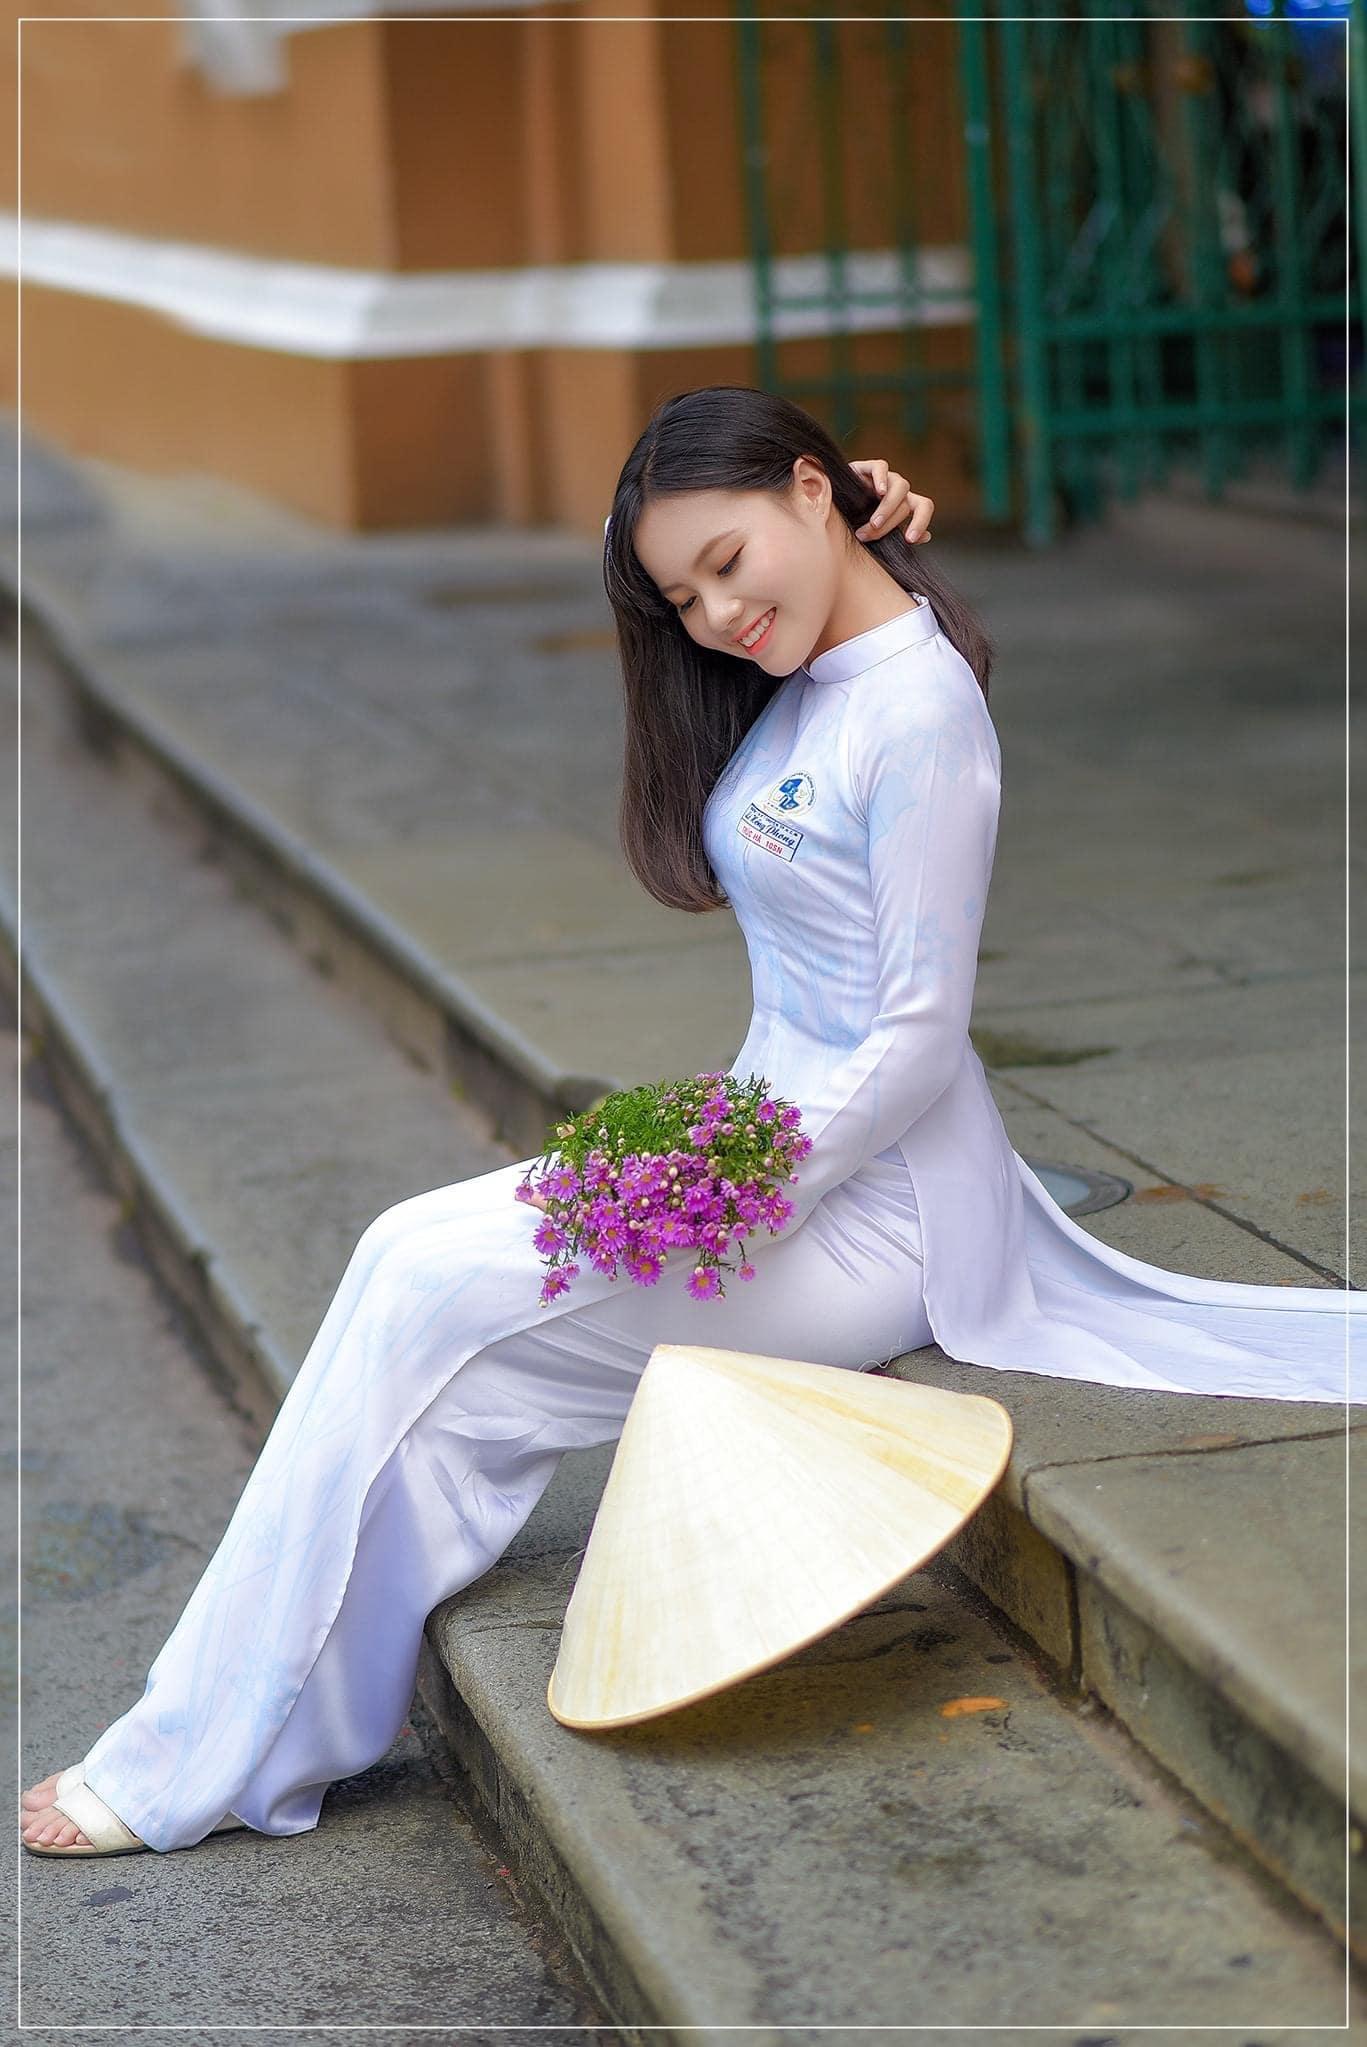 Ao dai chup ngoi 3 min - 49 cách tạo dáng chụp ảnh với áo dài tuyệt đẹp - HThao Studio